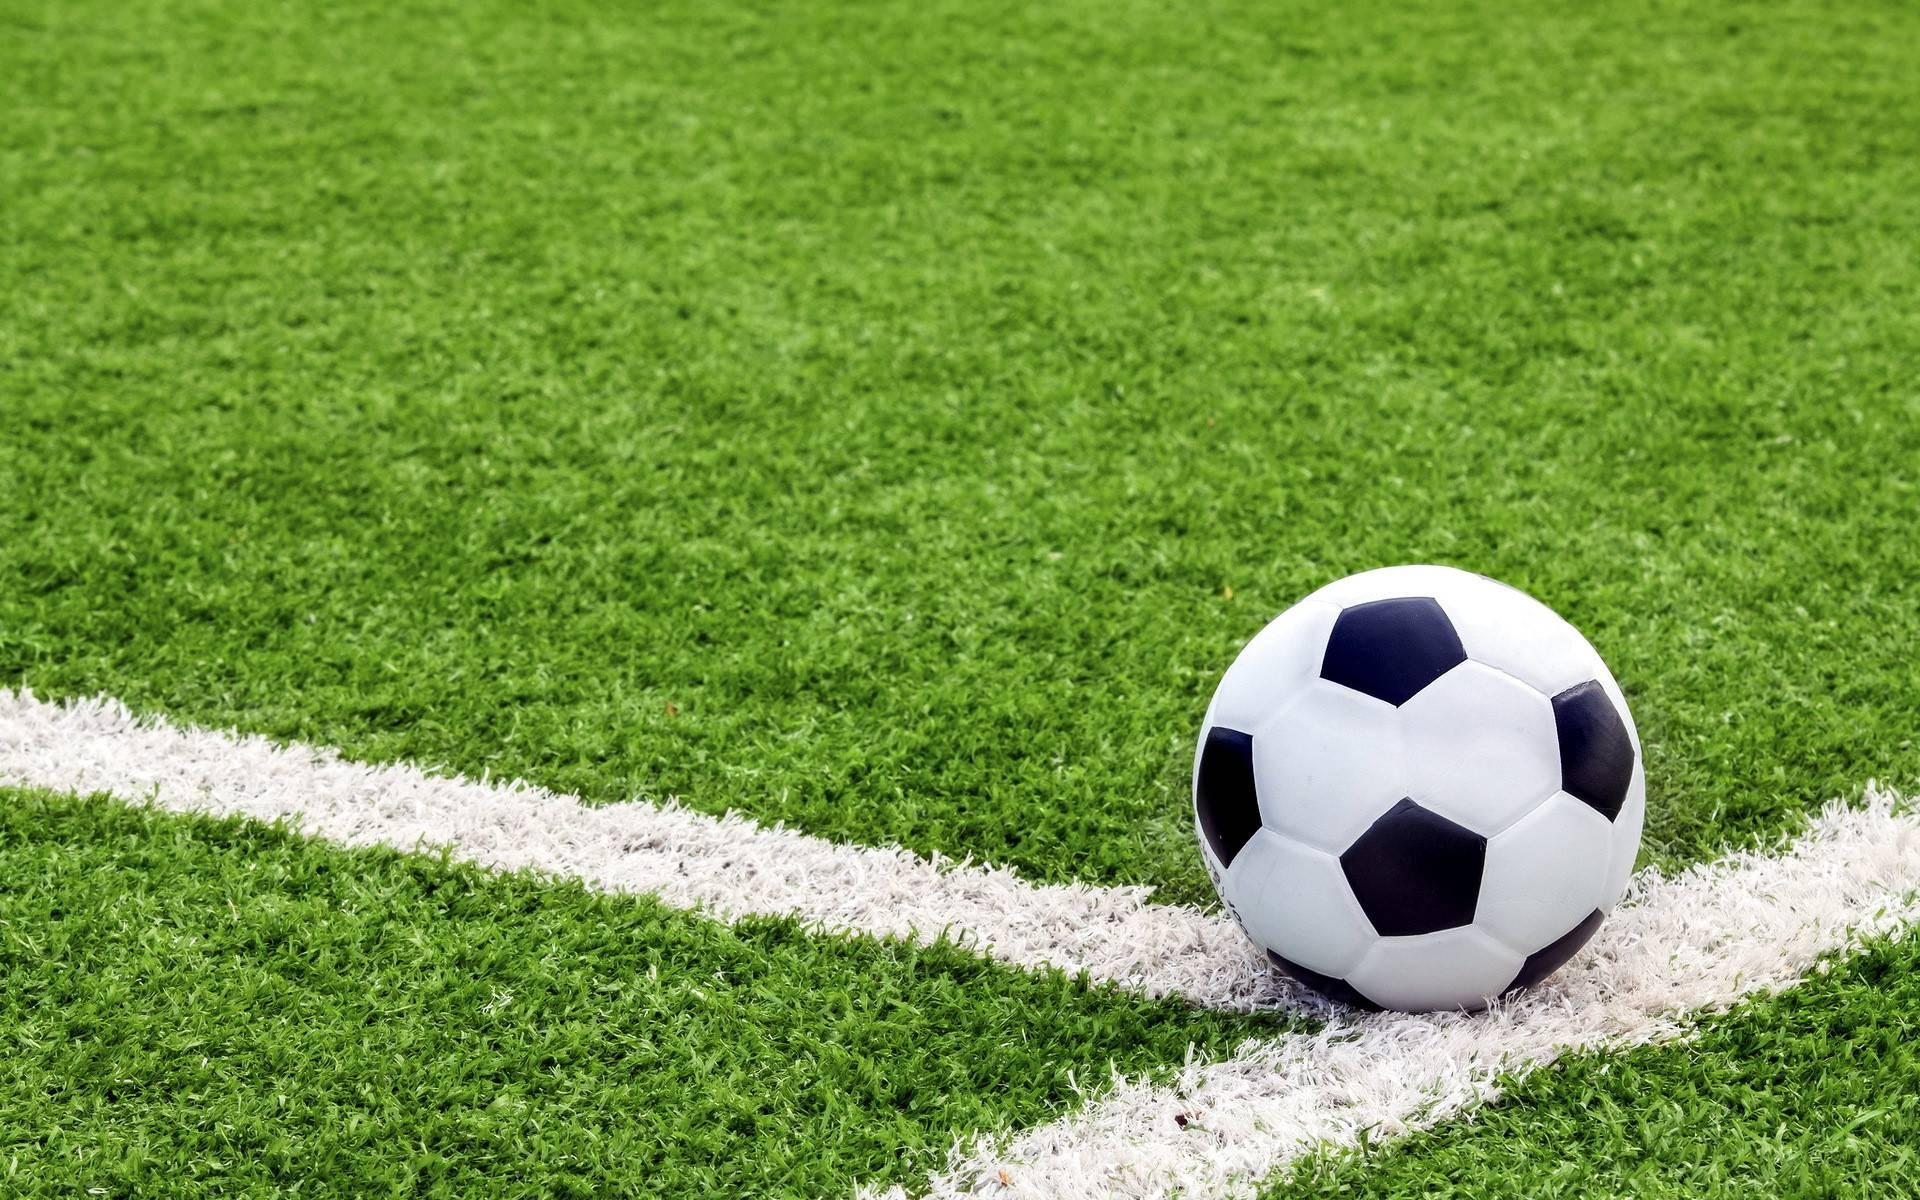 обои футбольное поле, газон, трава, разметка картинки фото